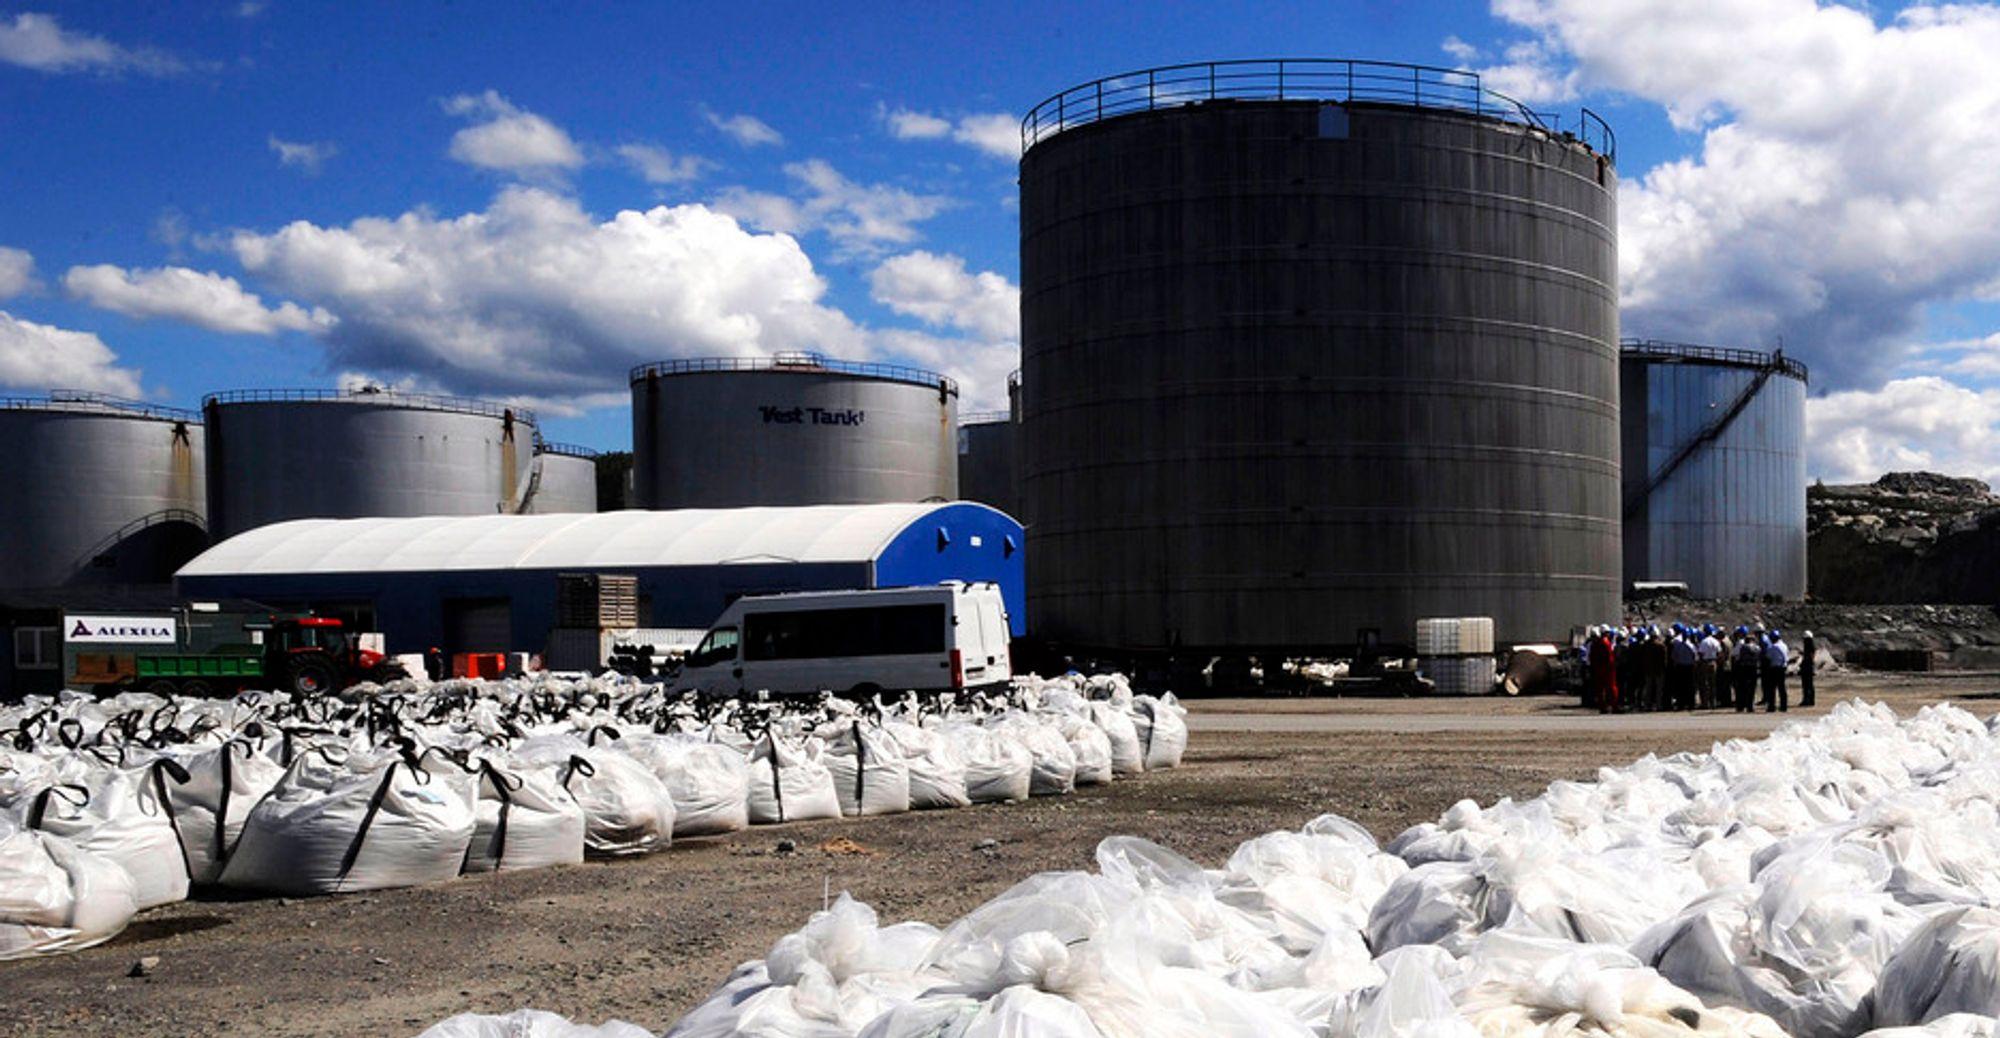 I RETTEN: Eier og styreleder ved Vest Tank-anlegget er dømt for å ha satt liv og helse i fare, men ikke for å ha mottatt farlig avfall.